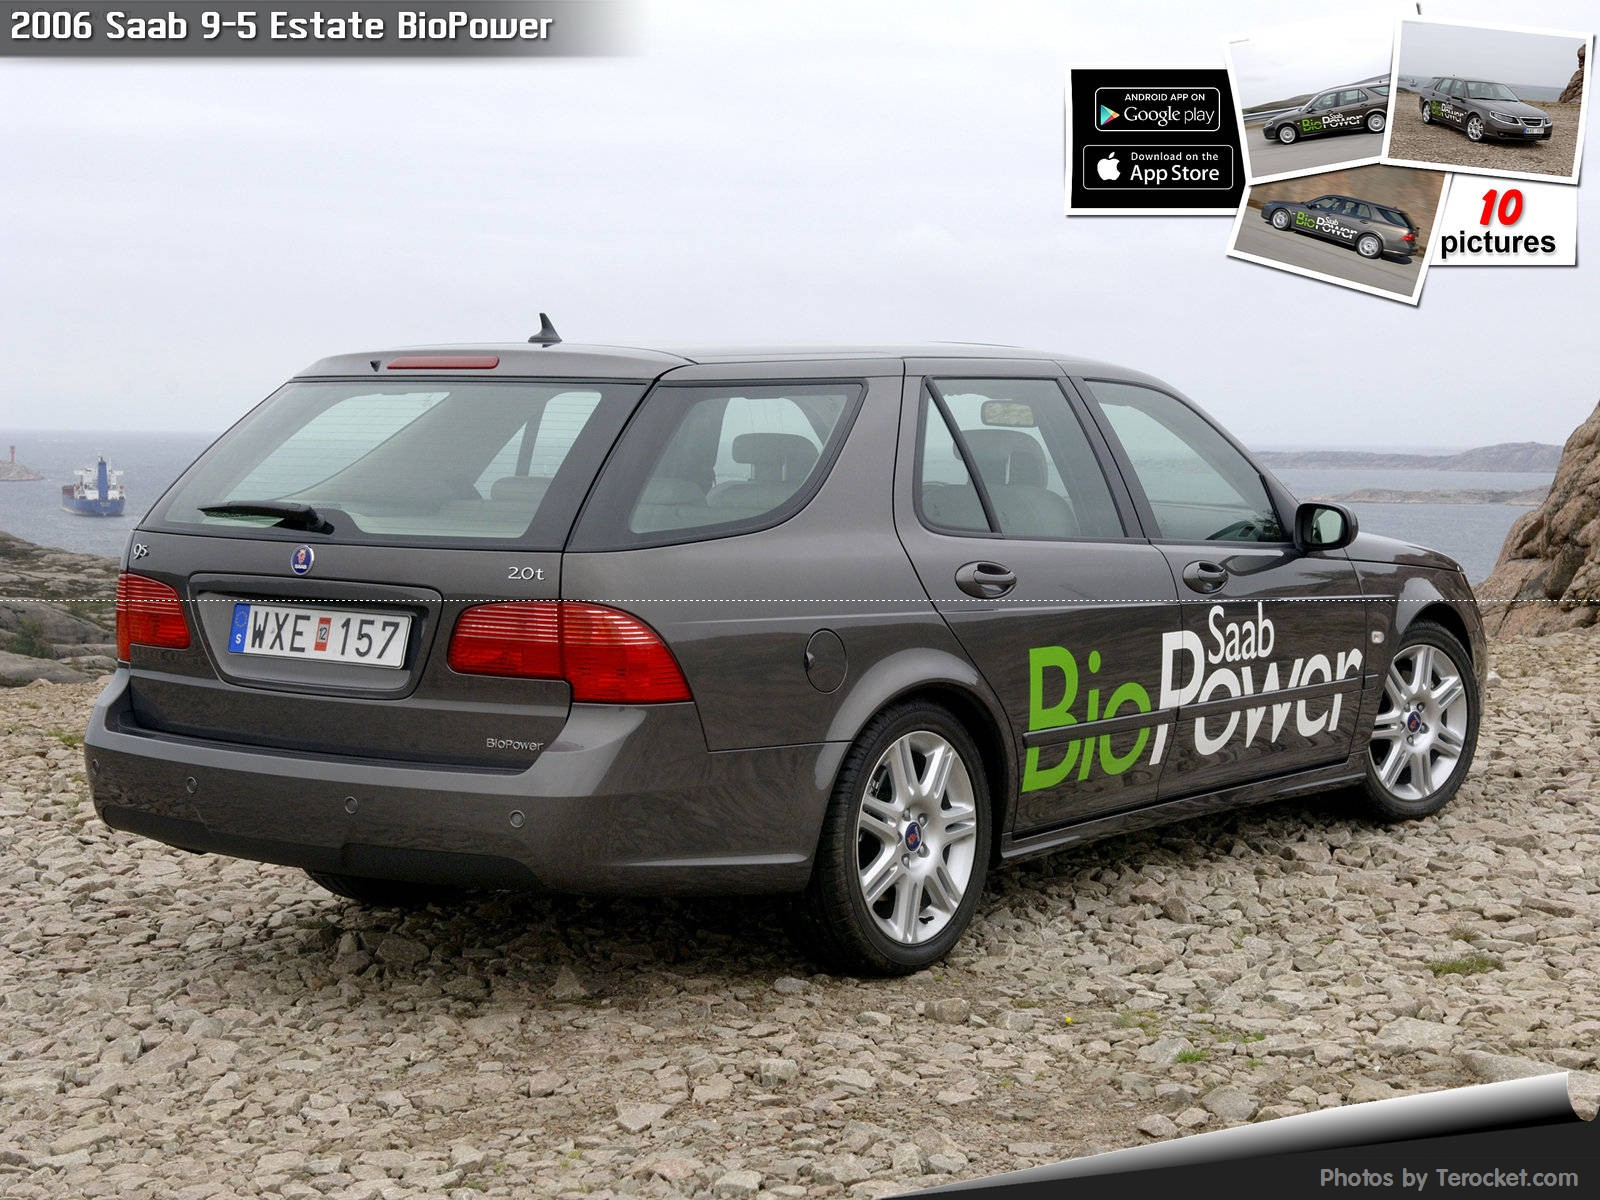 Hình ảnh xe ô tô Saab 9-5 Estate BioPower 2006 & nội ngoại thất